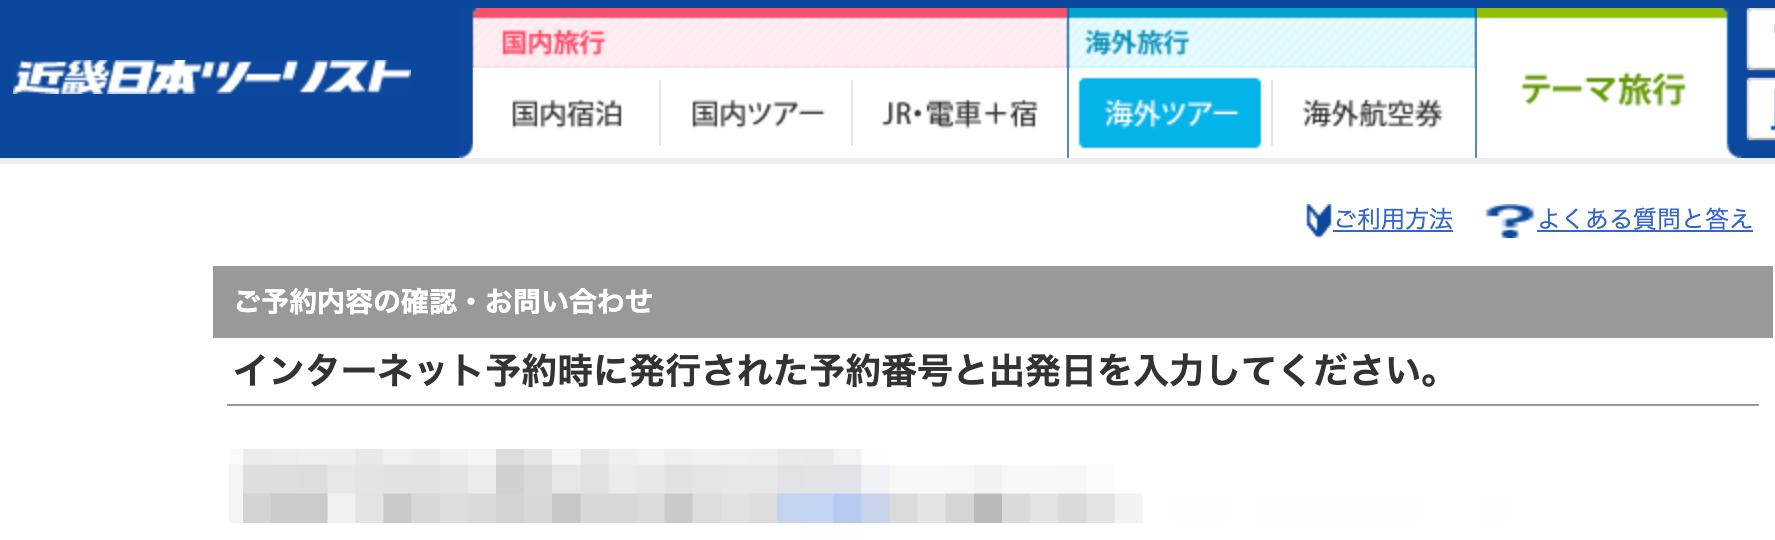 近畿日本ツーリストの予約変更ページ